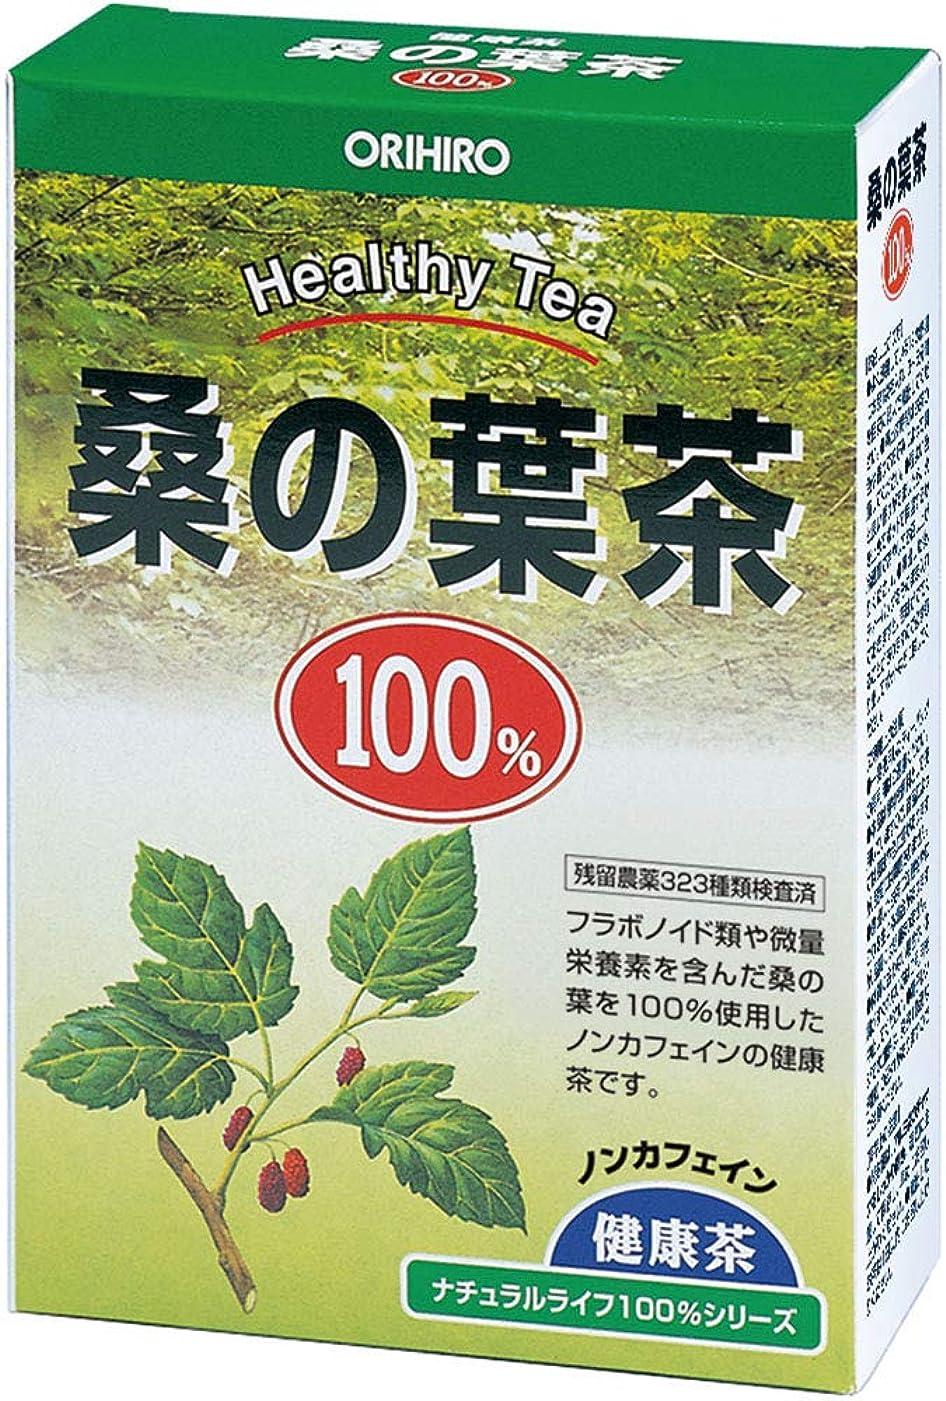 忘れられない屋内コンパイルオリヒロ NLティー 100% 桑の葉茶